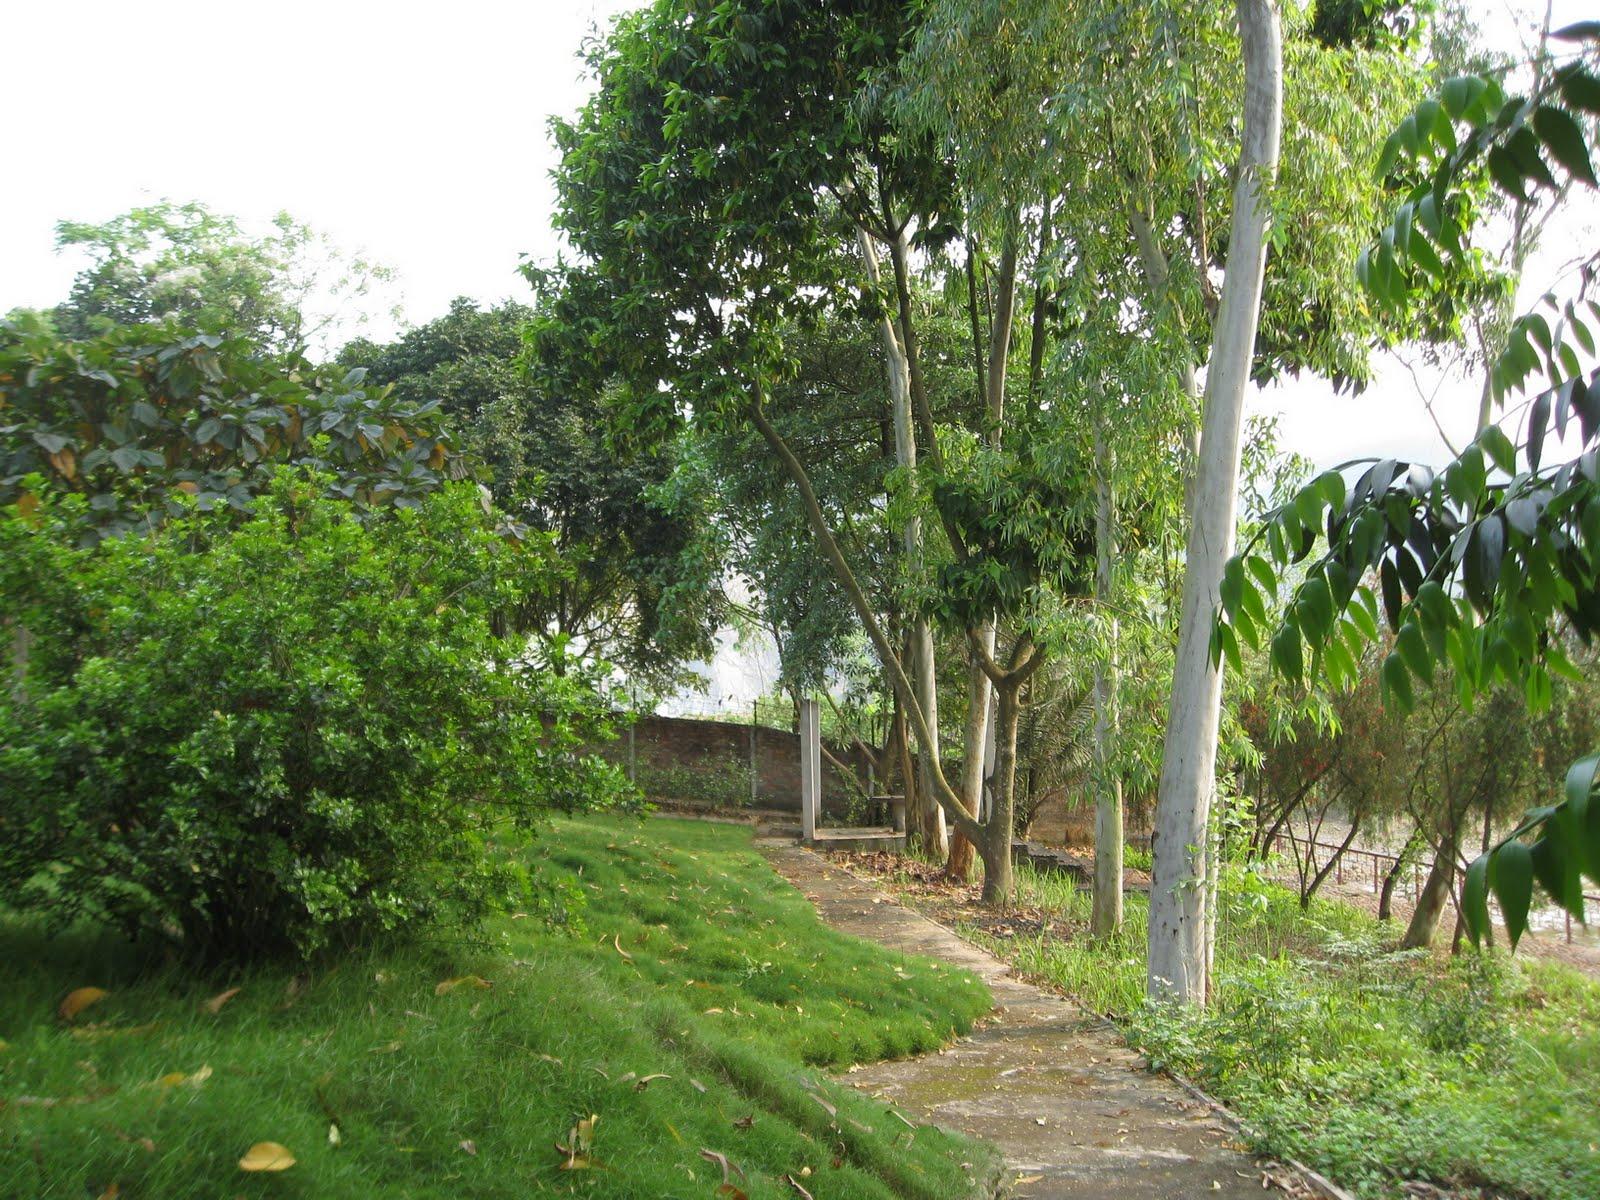 http://1.bp.blogspot.com/-ROjHx3Q0JaA/TayIelBsiXI/AAAAAAAAAN4/D565Xi7yaiw/s1600/c12.jpg